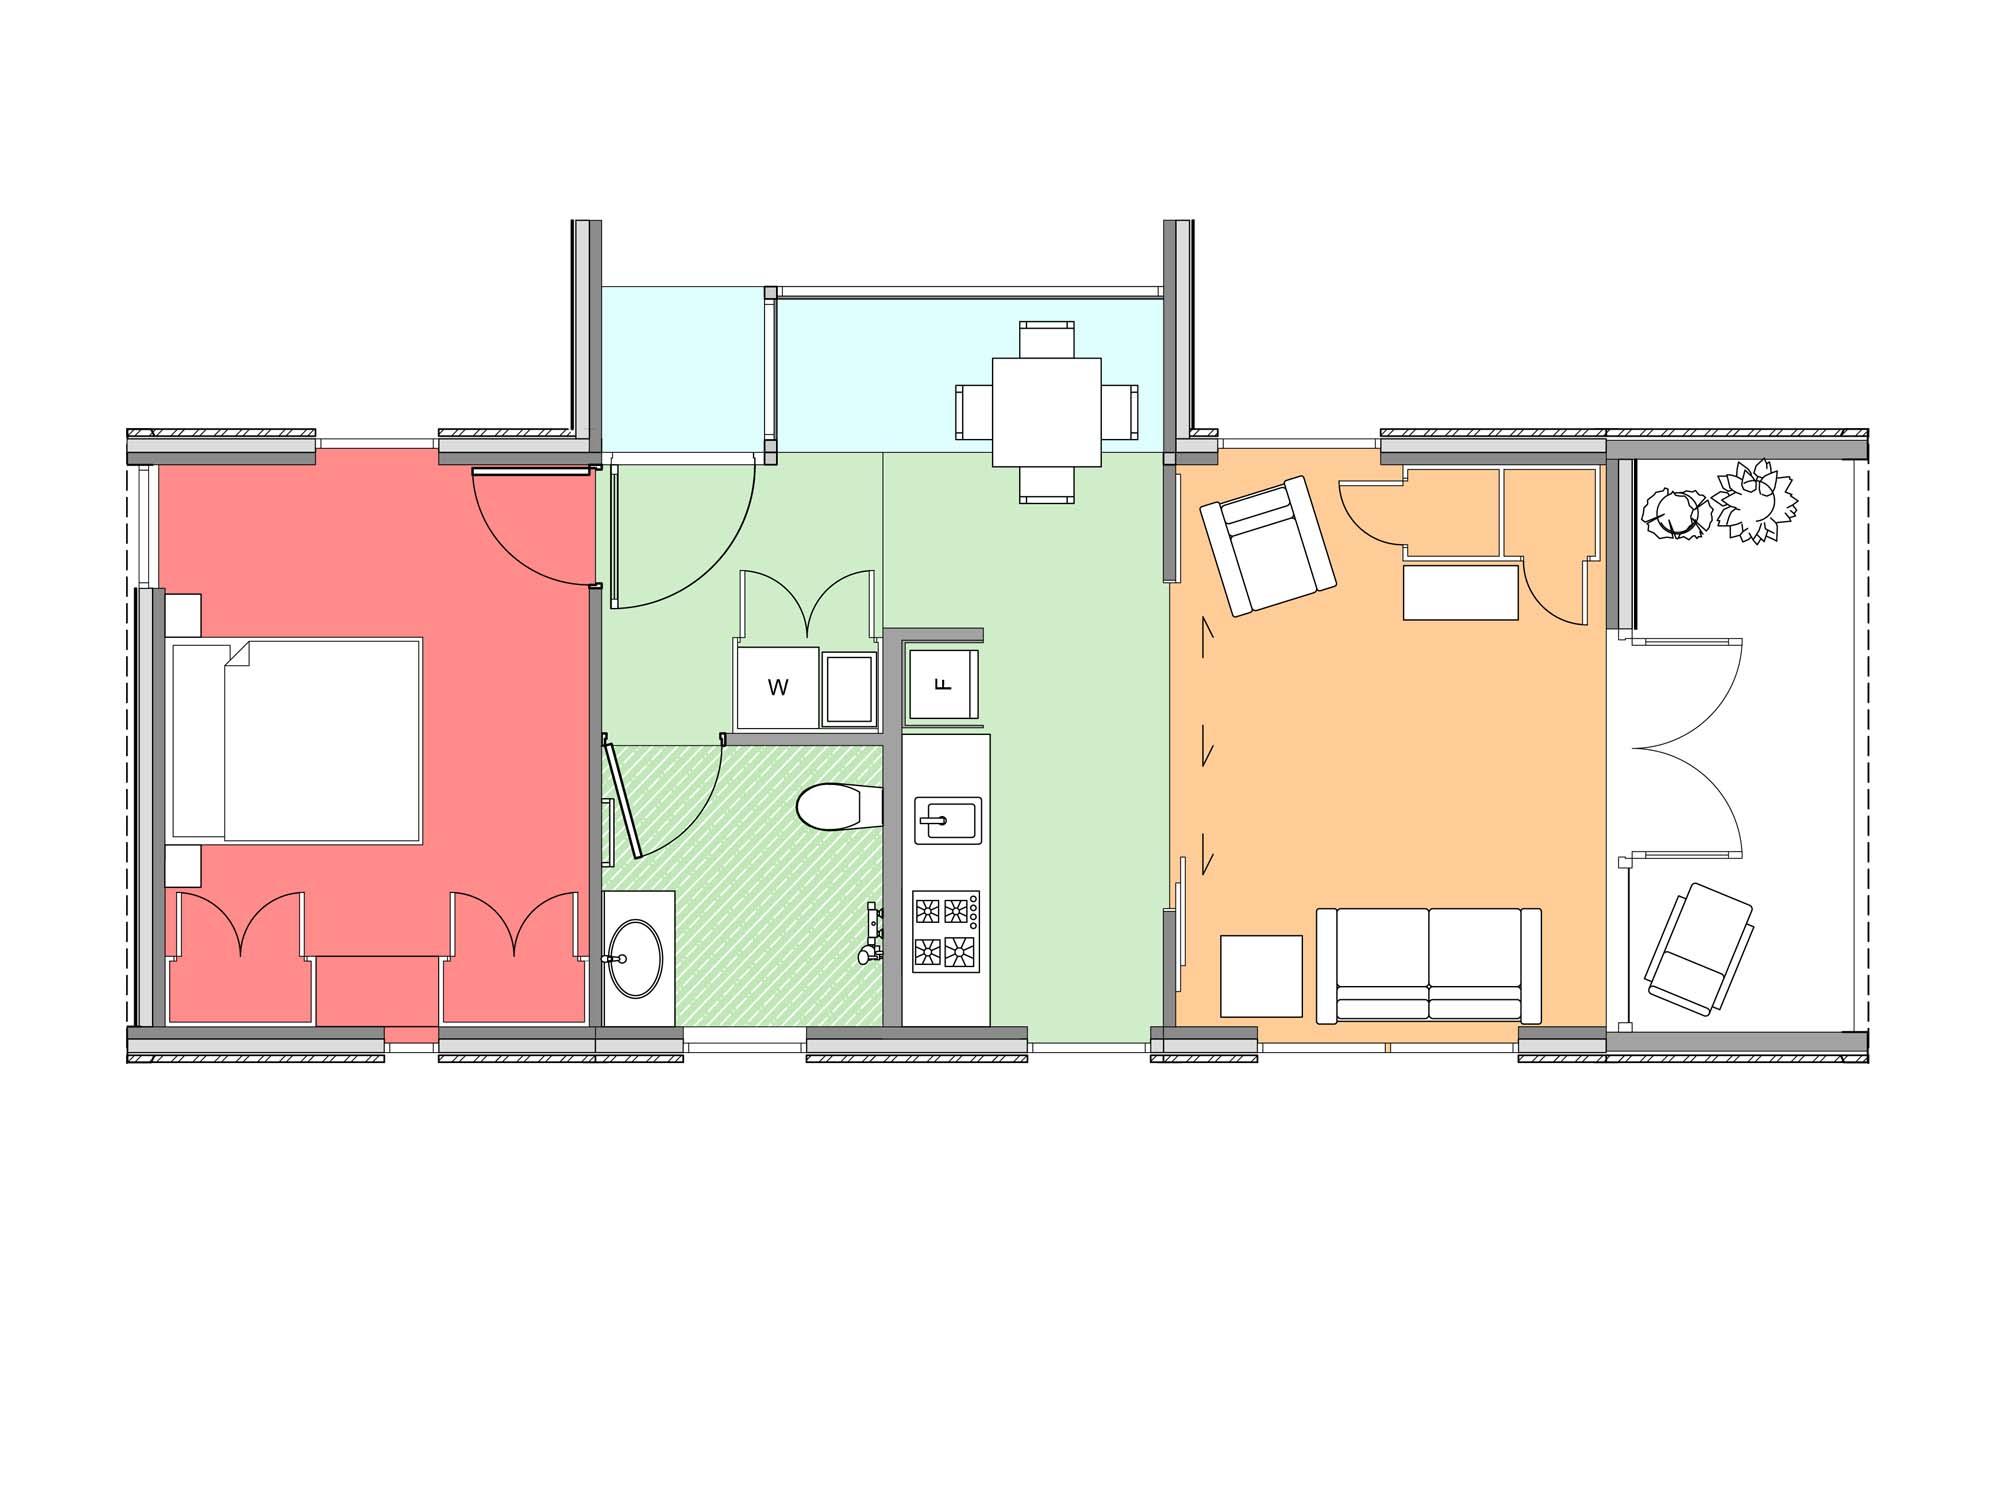 Plan of Te Whare-iti TWI 15